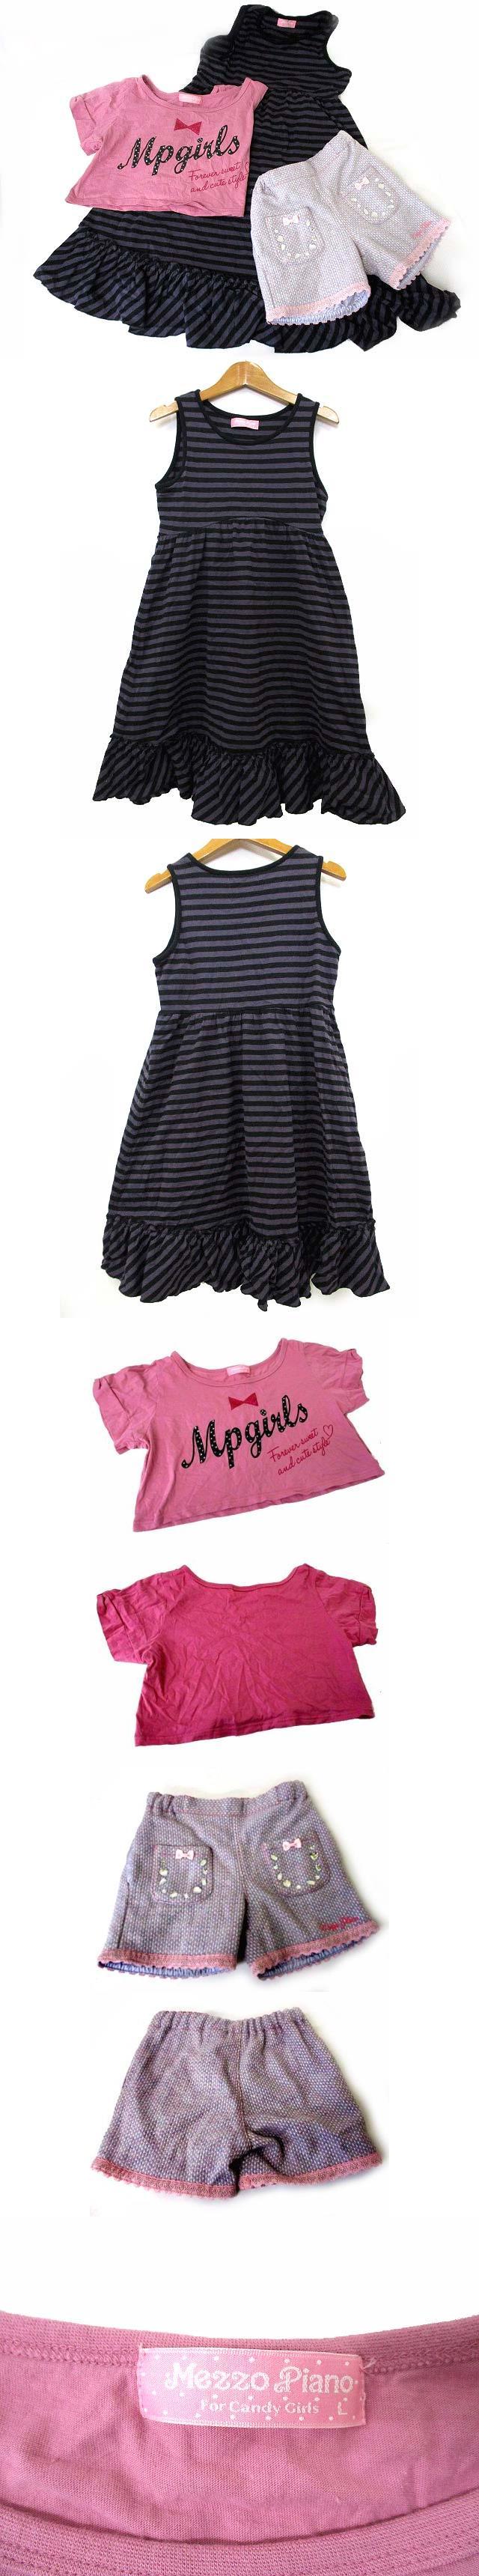 女の子用 3点 セット ワンピース Tシャツ ショートパンツ 紫 黒 ピンク L 140 キッズ 子供服 190218NM